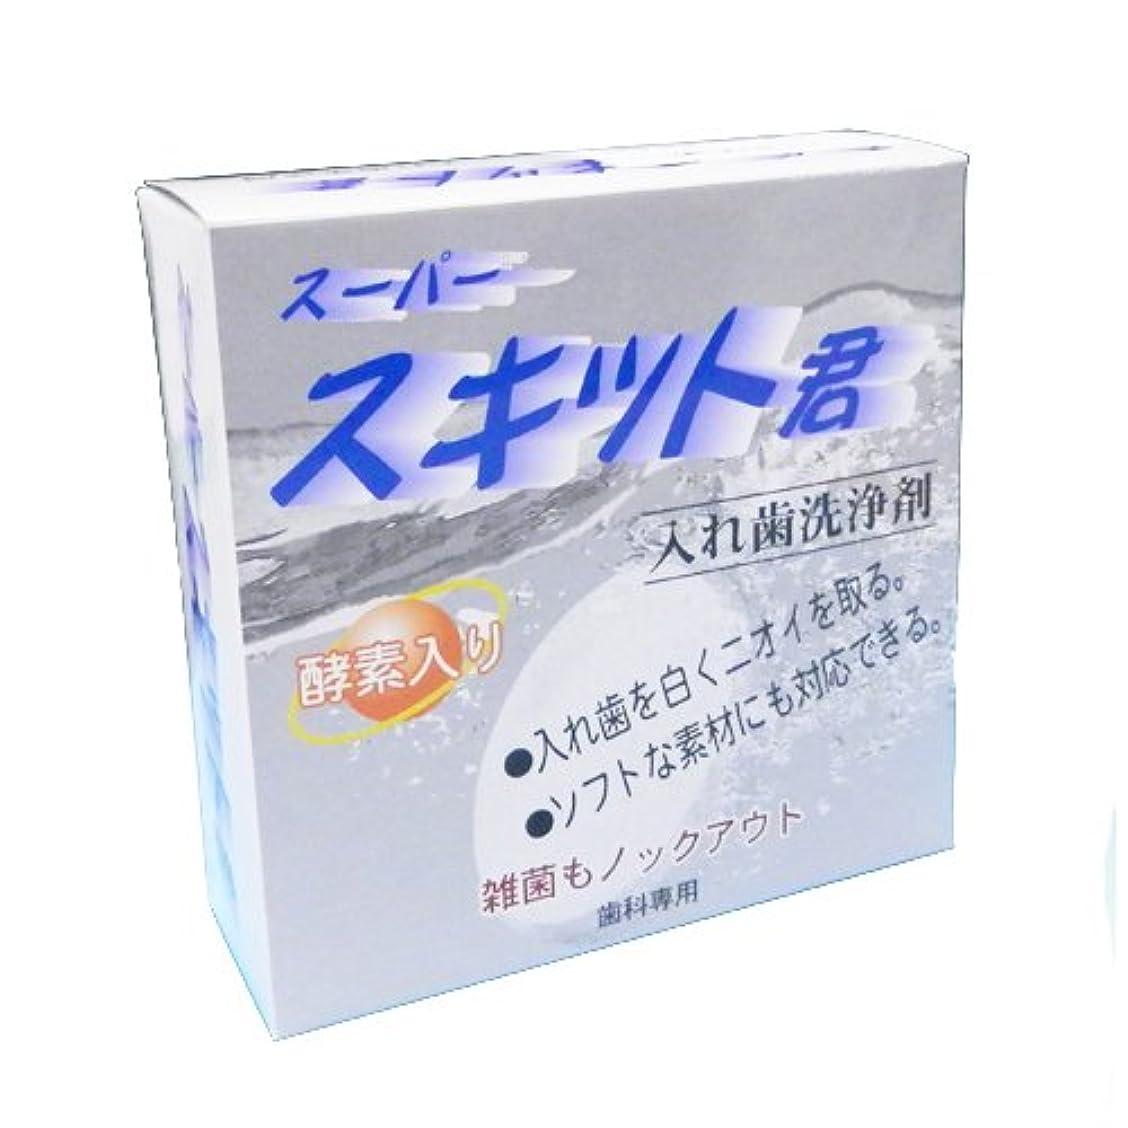 専門化する訴えるアークスーパー スキット君 入れ歯洗浄剤 48錠入